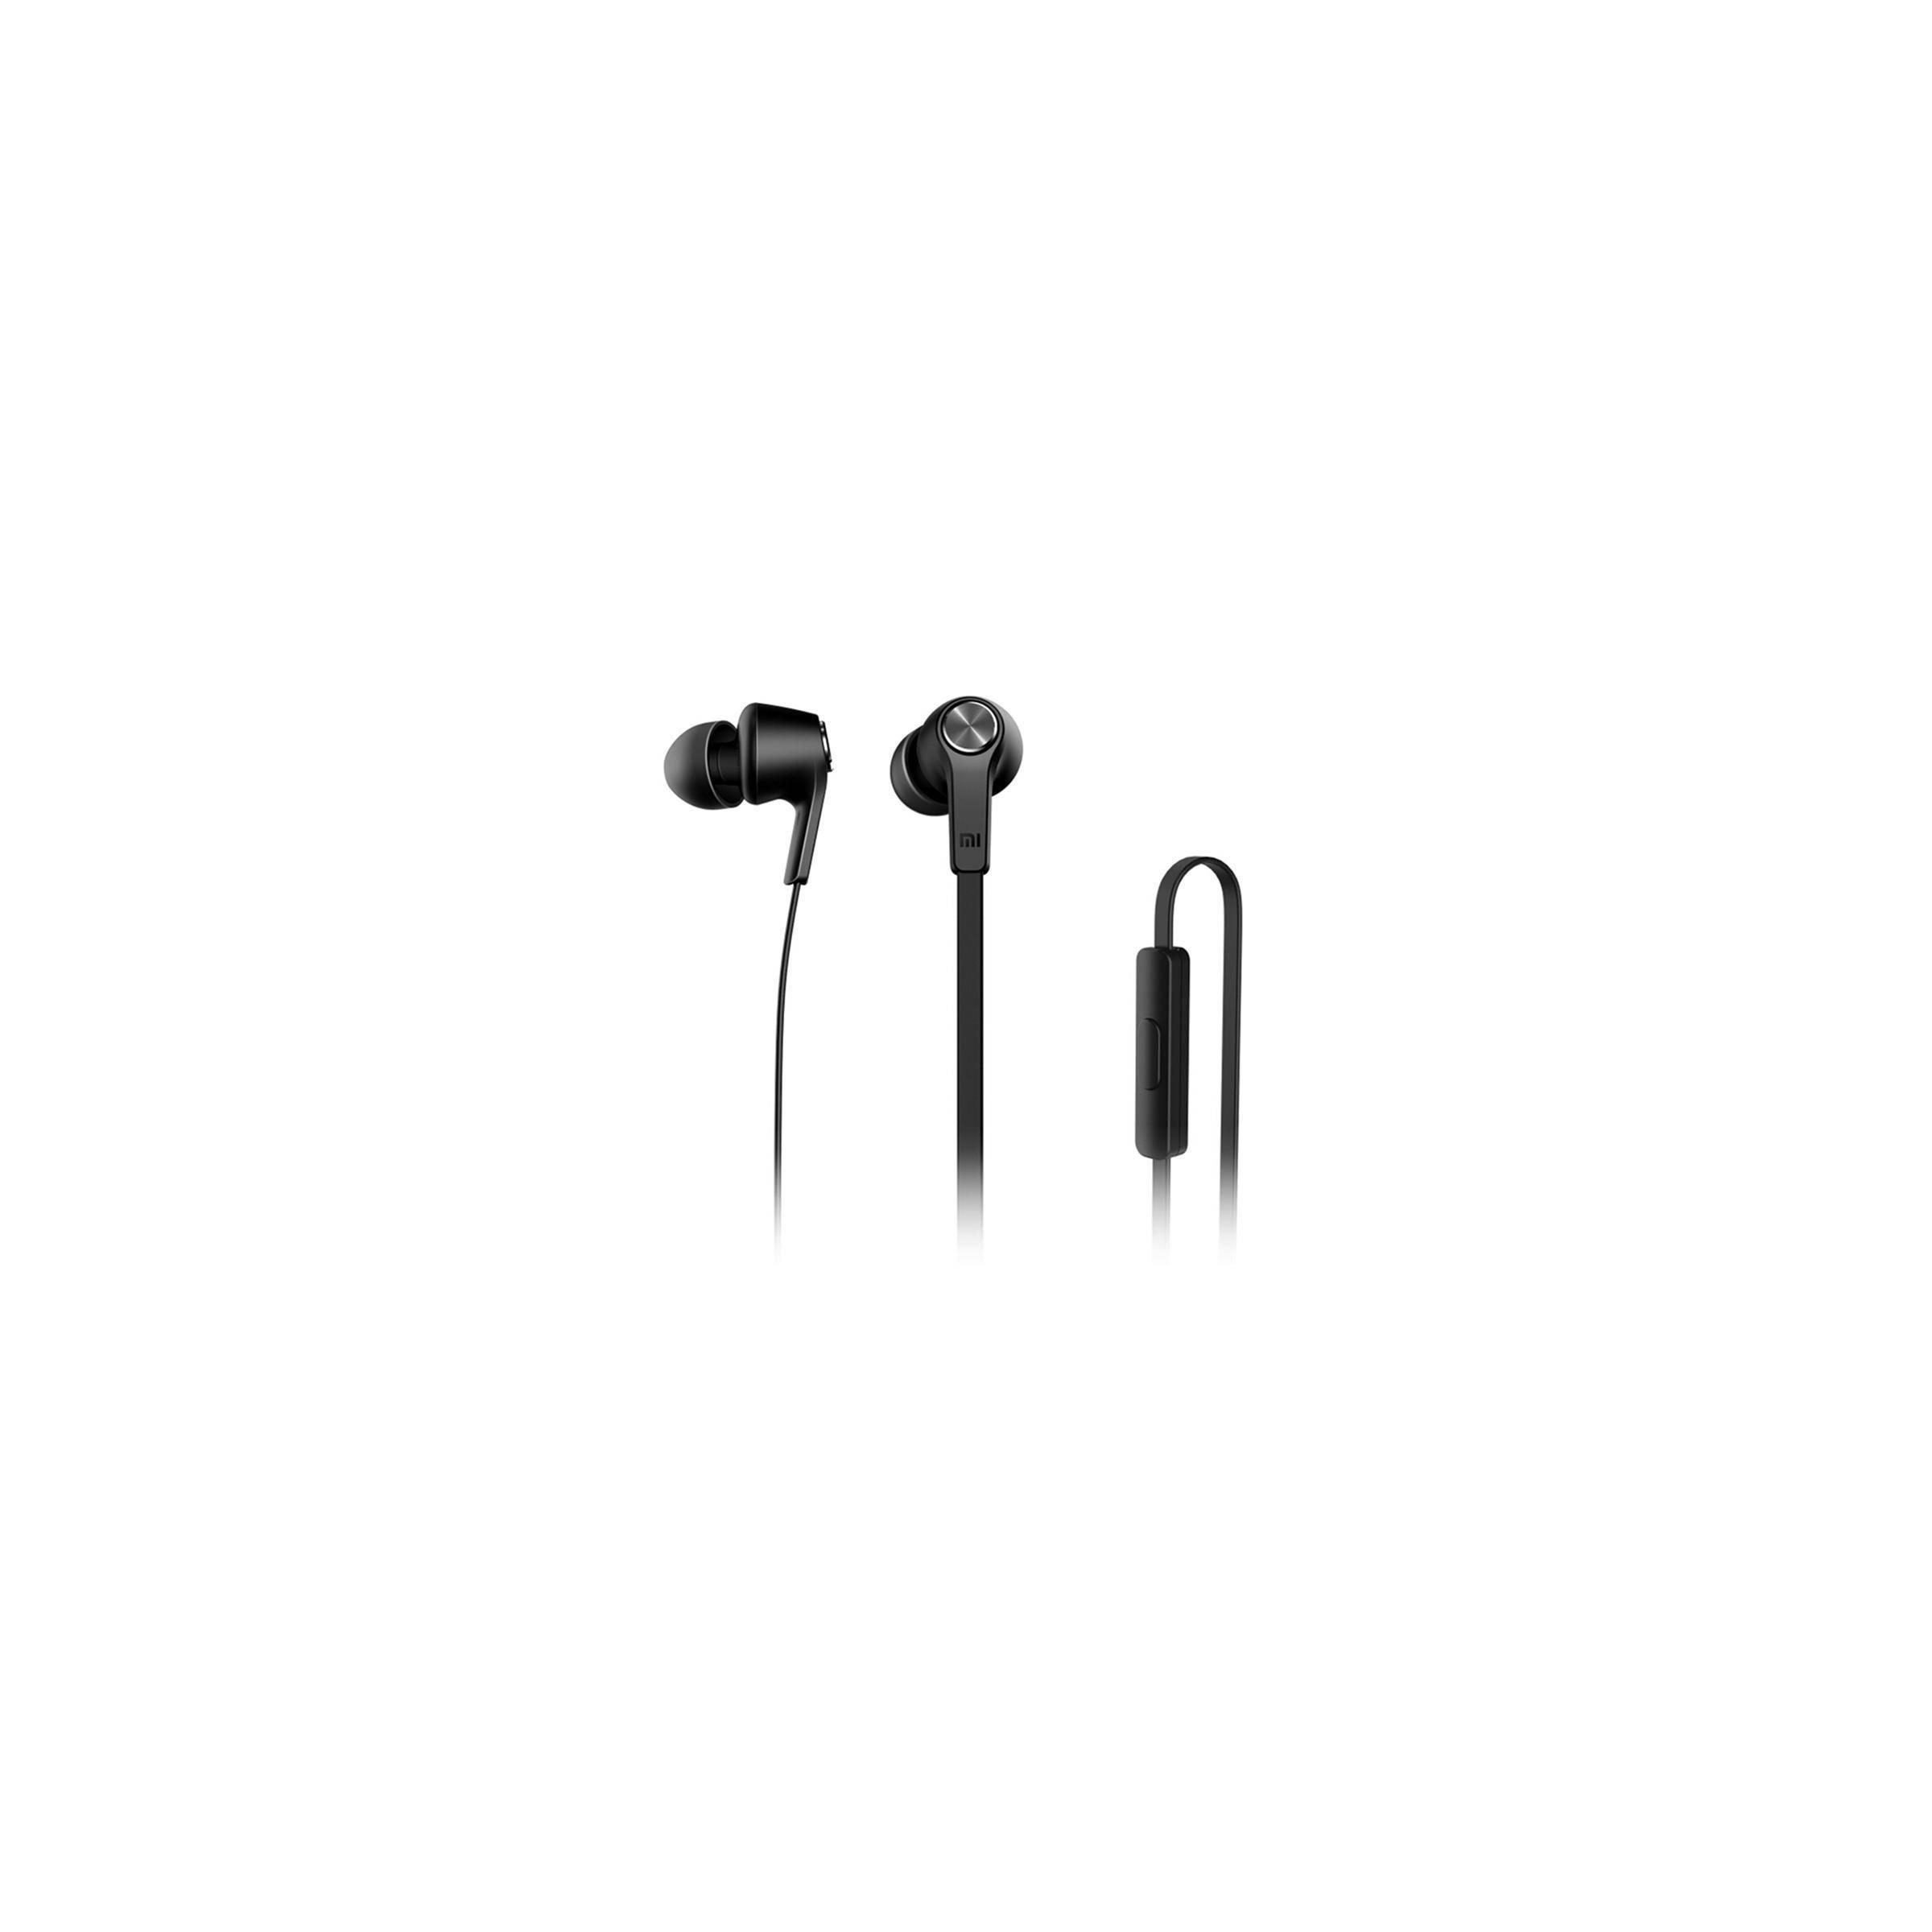 Originalt xiaomi piston in-ear earphones sort fra xiaomi på mackabler.dk